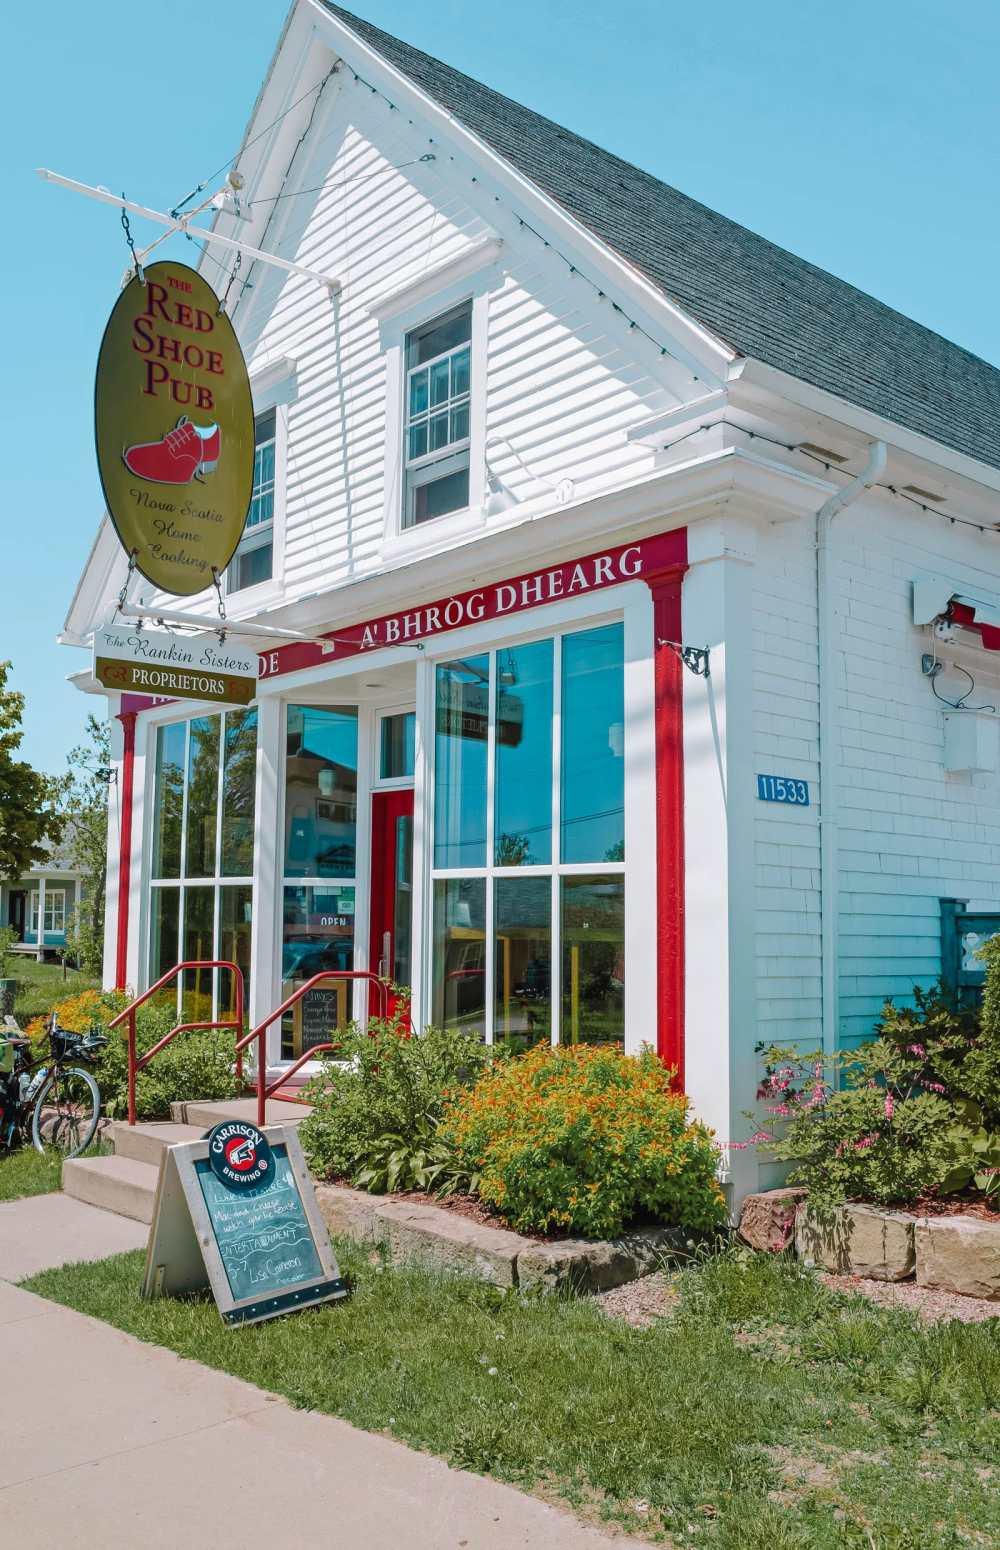 Red Shoe Pub Mabou In Nova Scotia